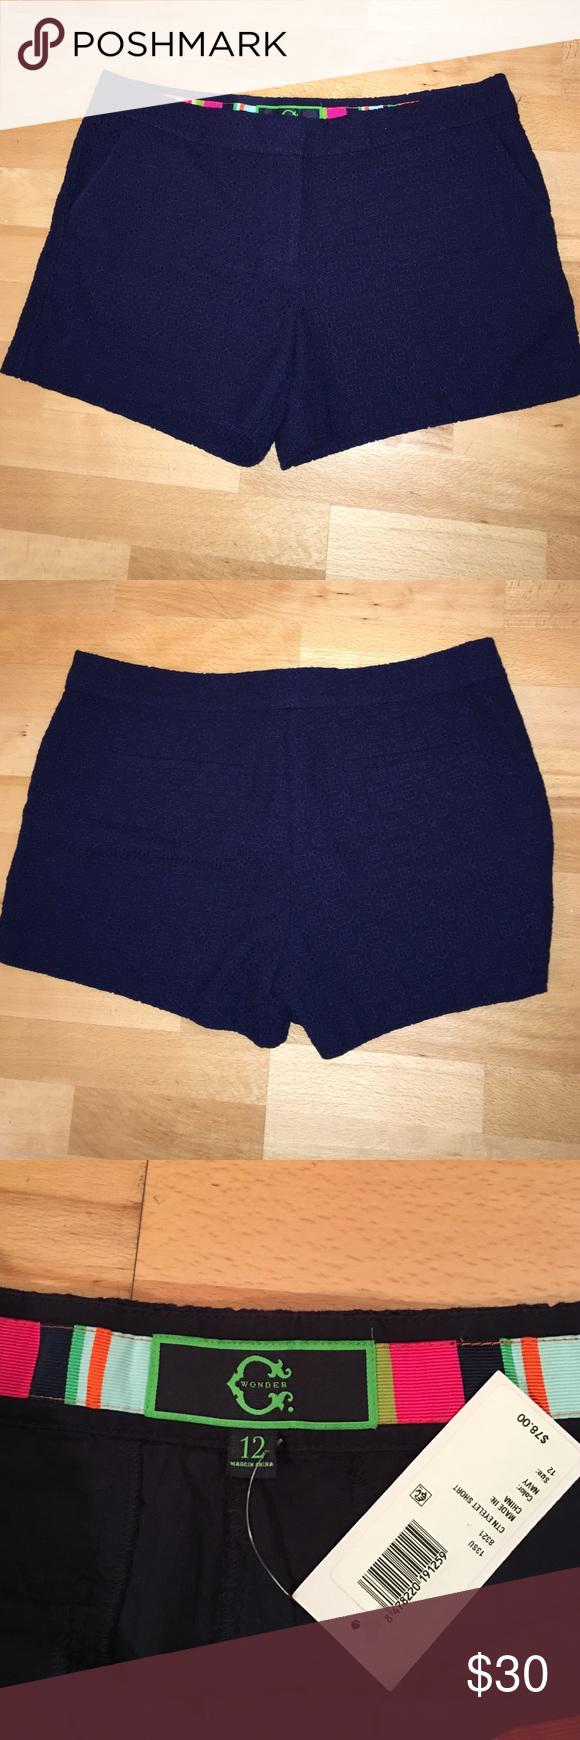 C wonder navy eyelet shorts size 12 Side pockets navy eyelet shorts brand new c wonder Shorts